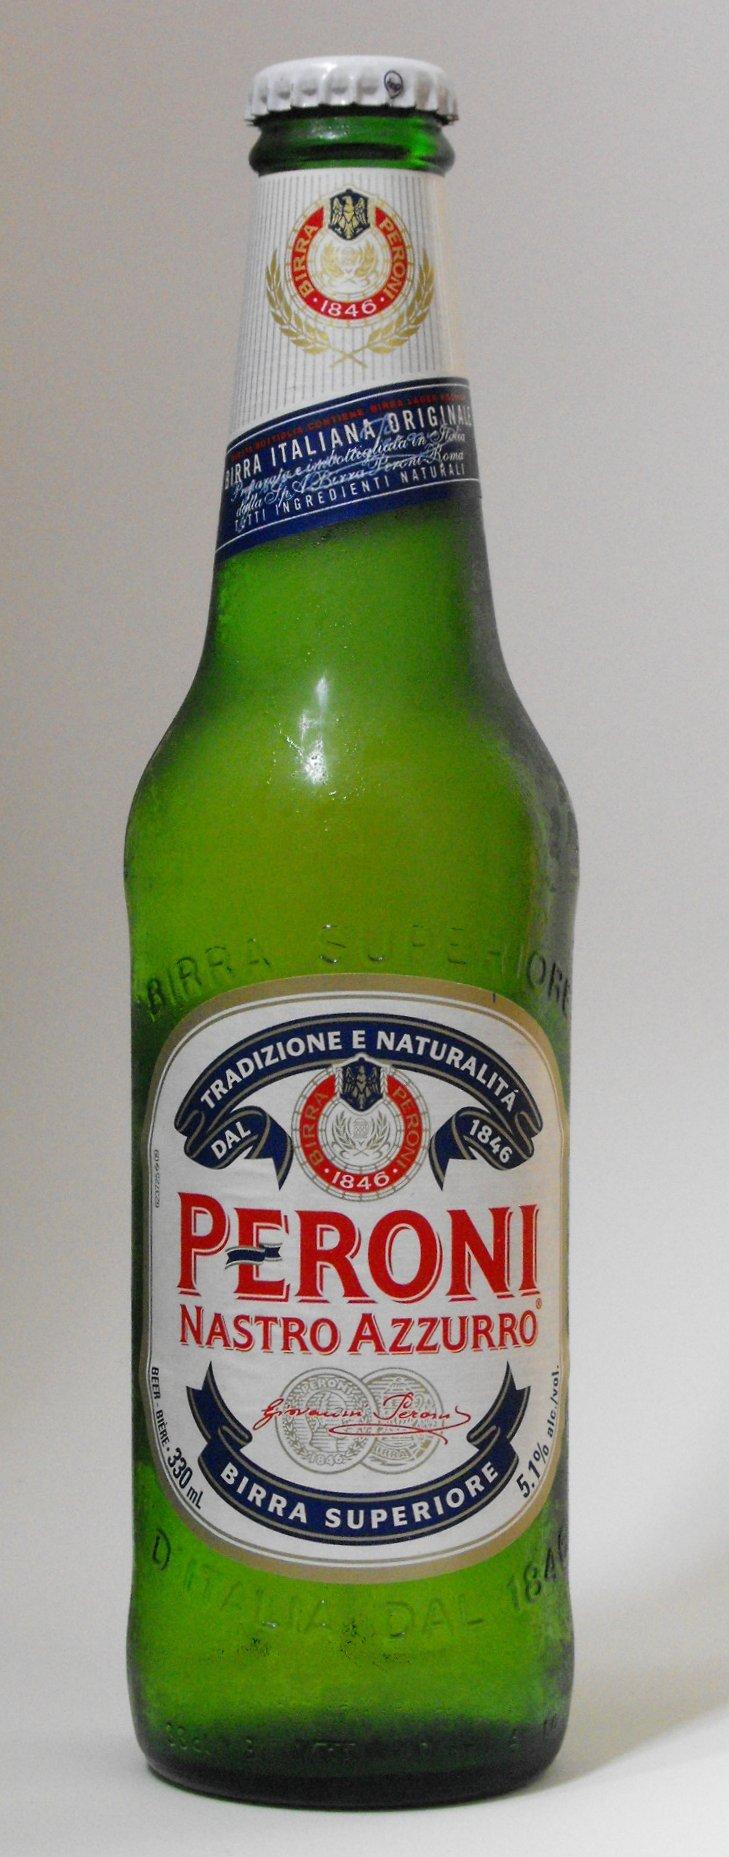 PeroniBlueRibbon.jpg